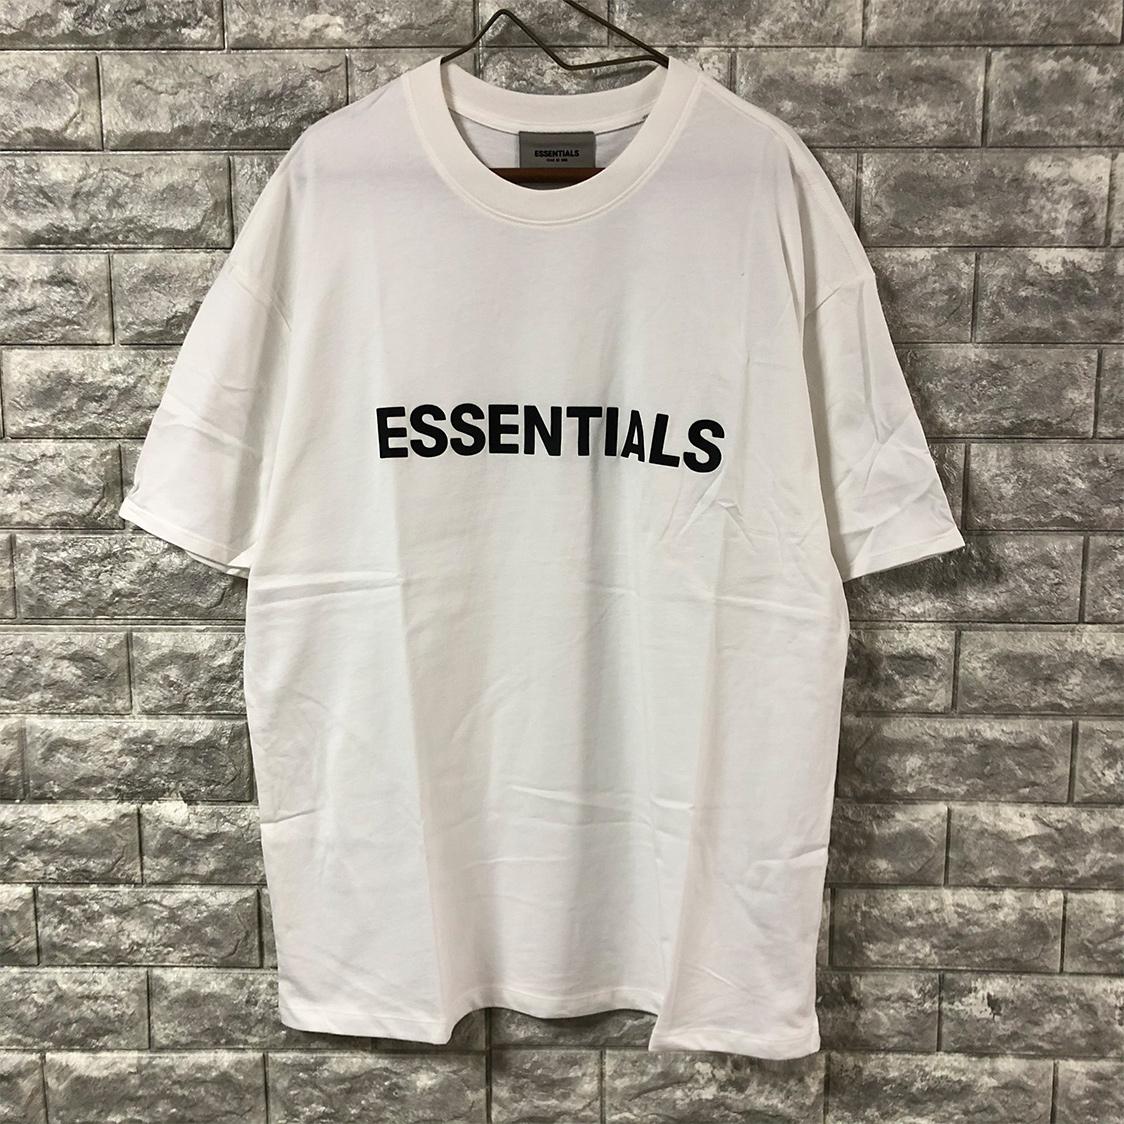 新作 新品 FOG Fear Of God Essentials フェアオブゴッド エッセンシャルズ 【Mサイズ】 LOGO TEE Tシャツ 半袖 エッセンシャル WHITE ホワイト フォグ